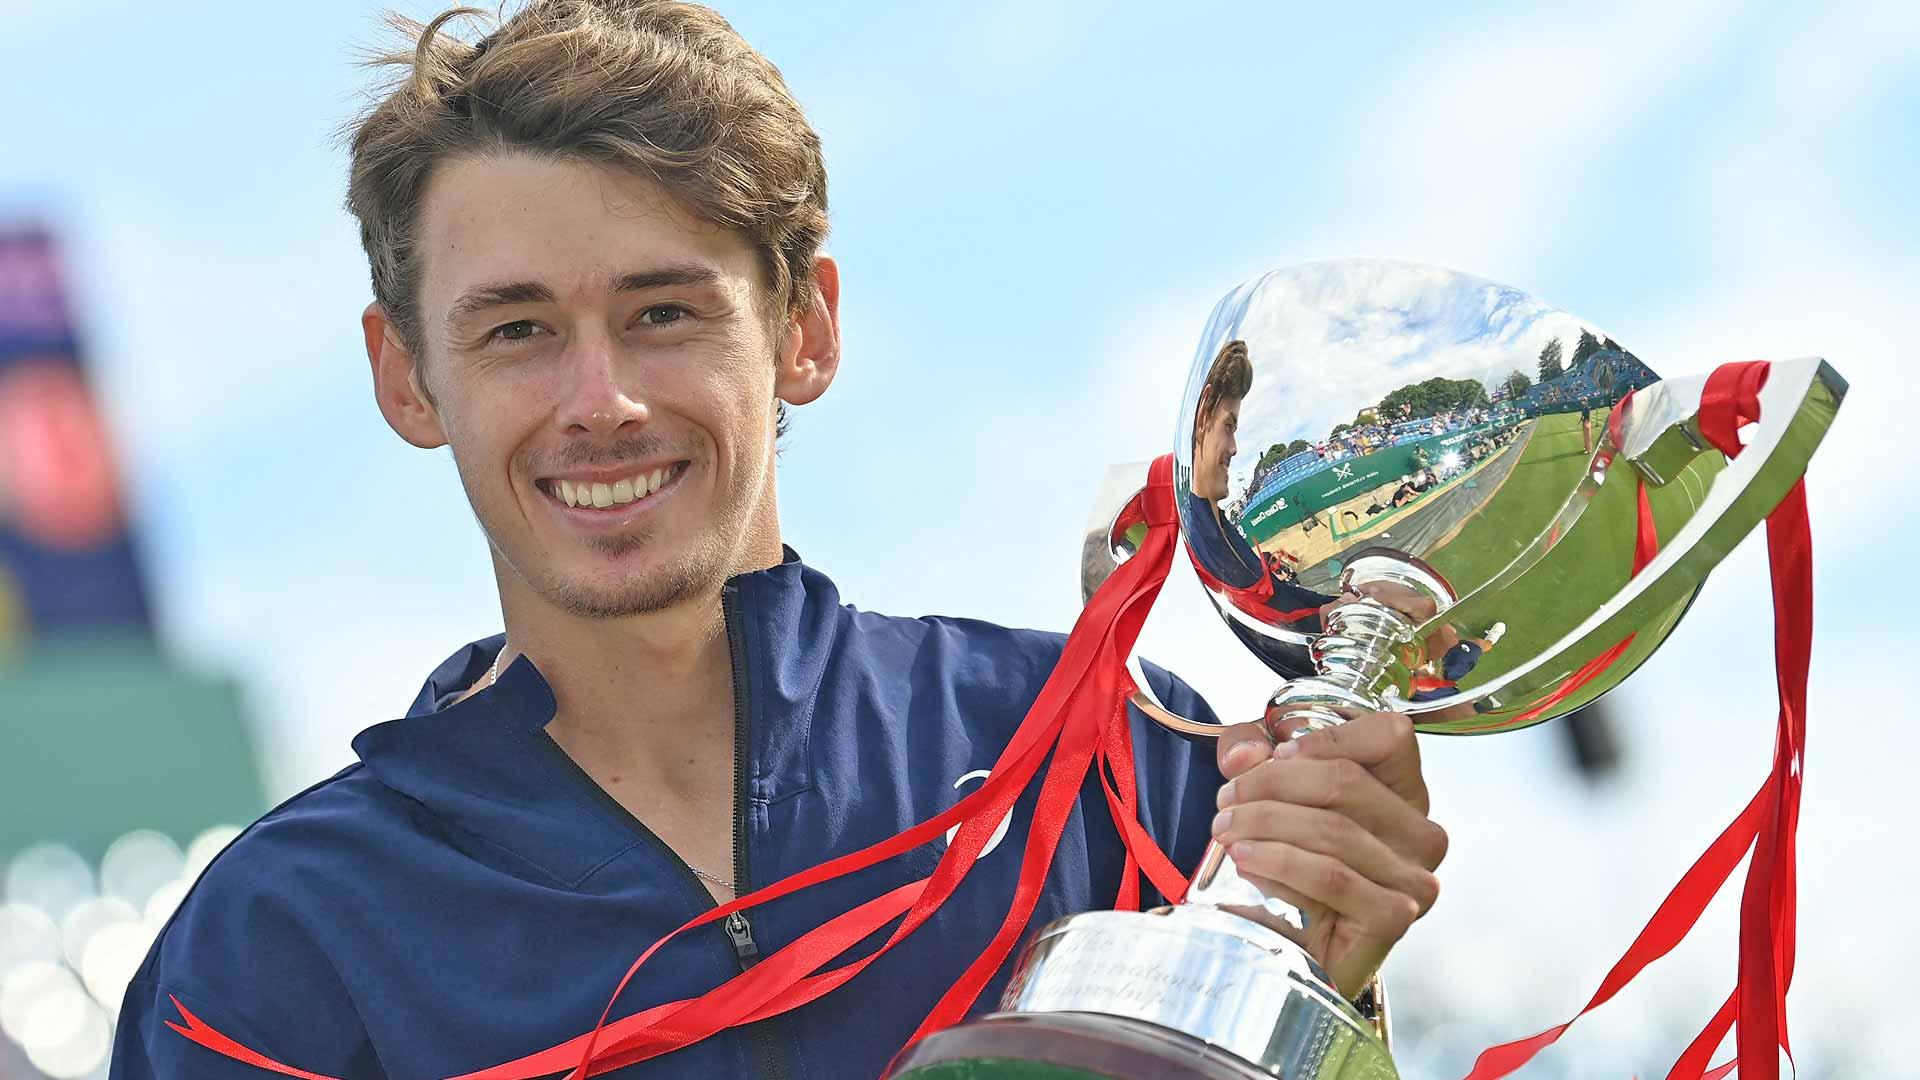 de minaur eastbourne 2021 trophy shot - Avstralec zmagal v Eastbournu